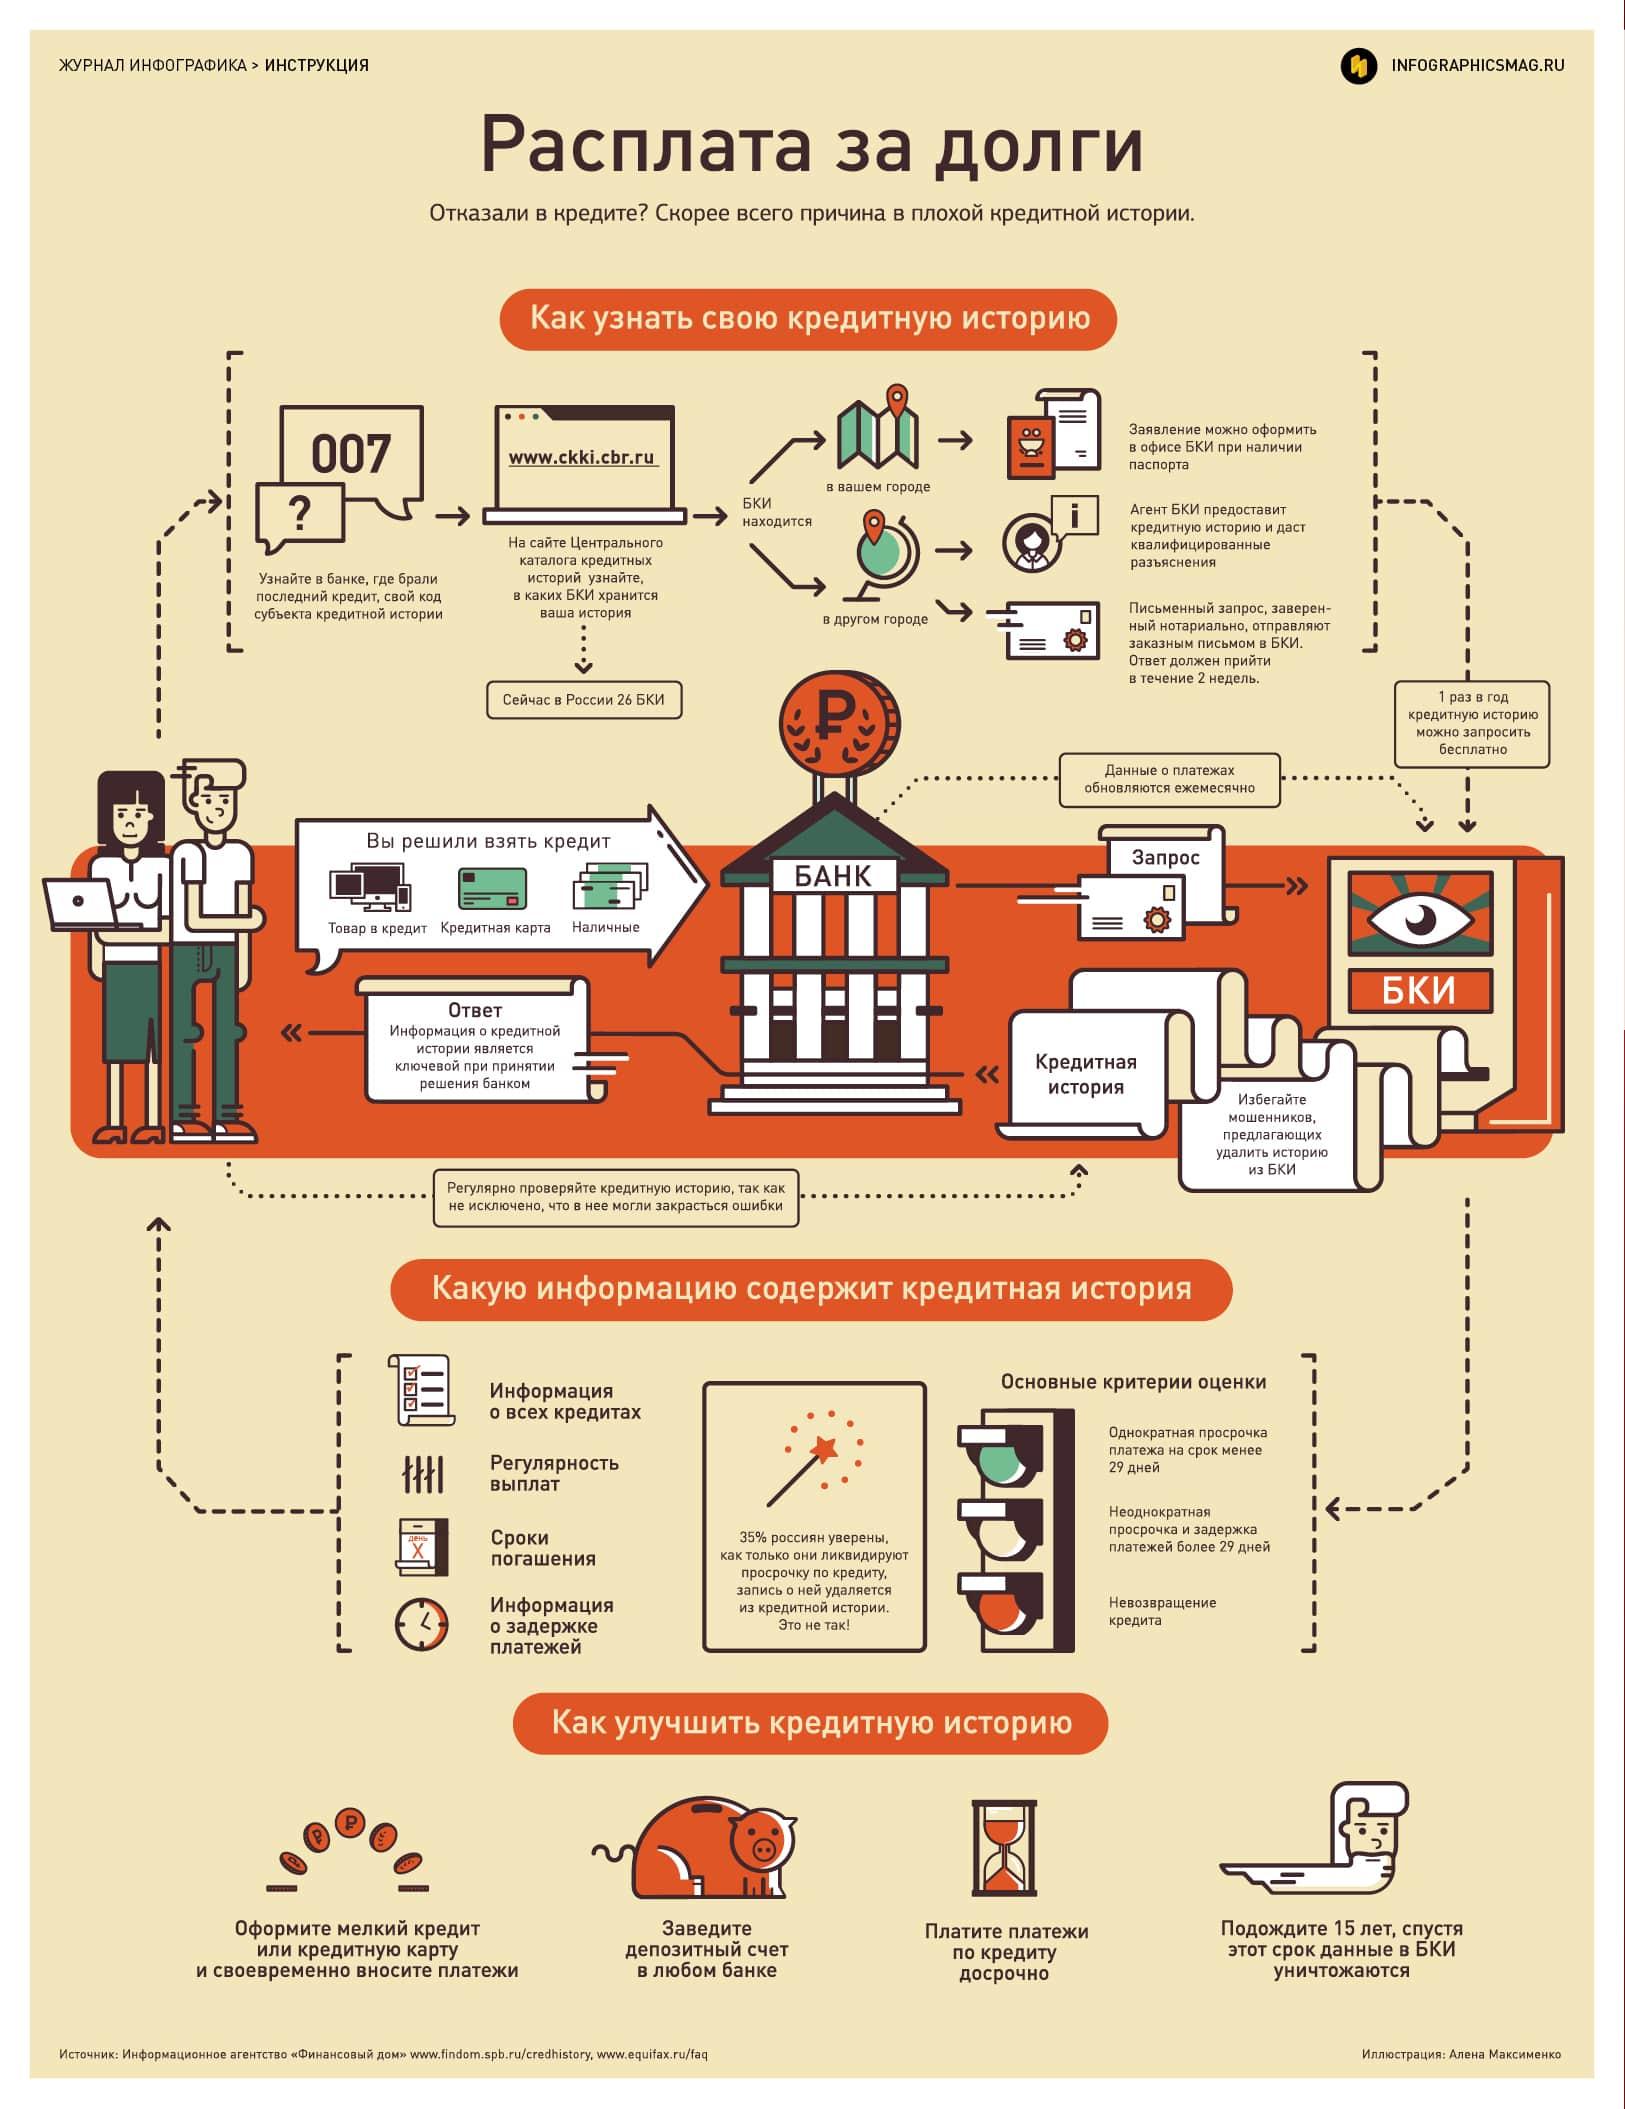 Как узнать свою кредитную историю